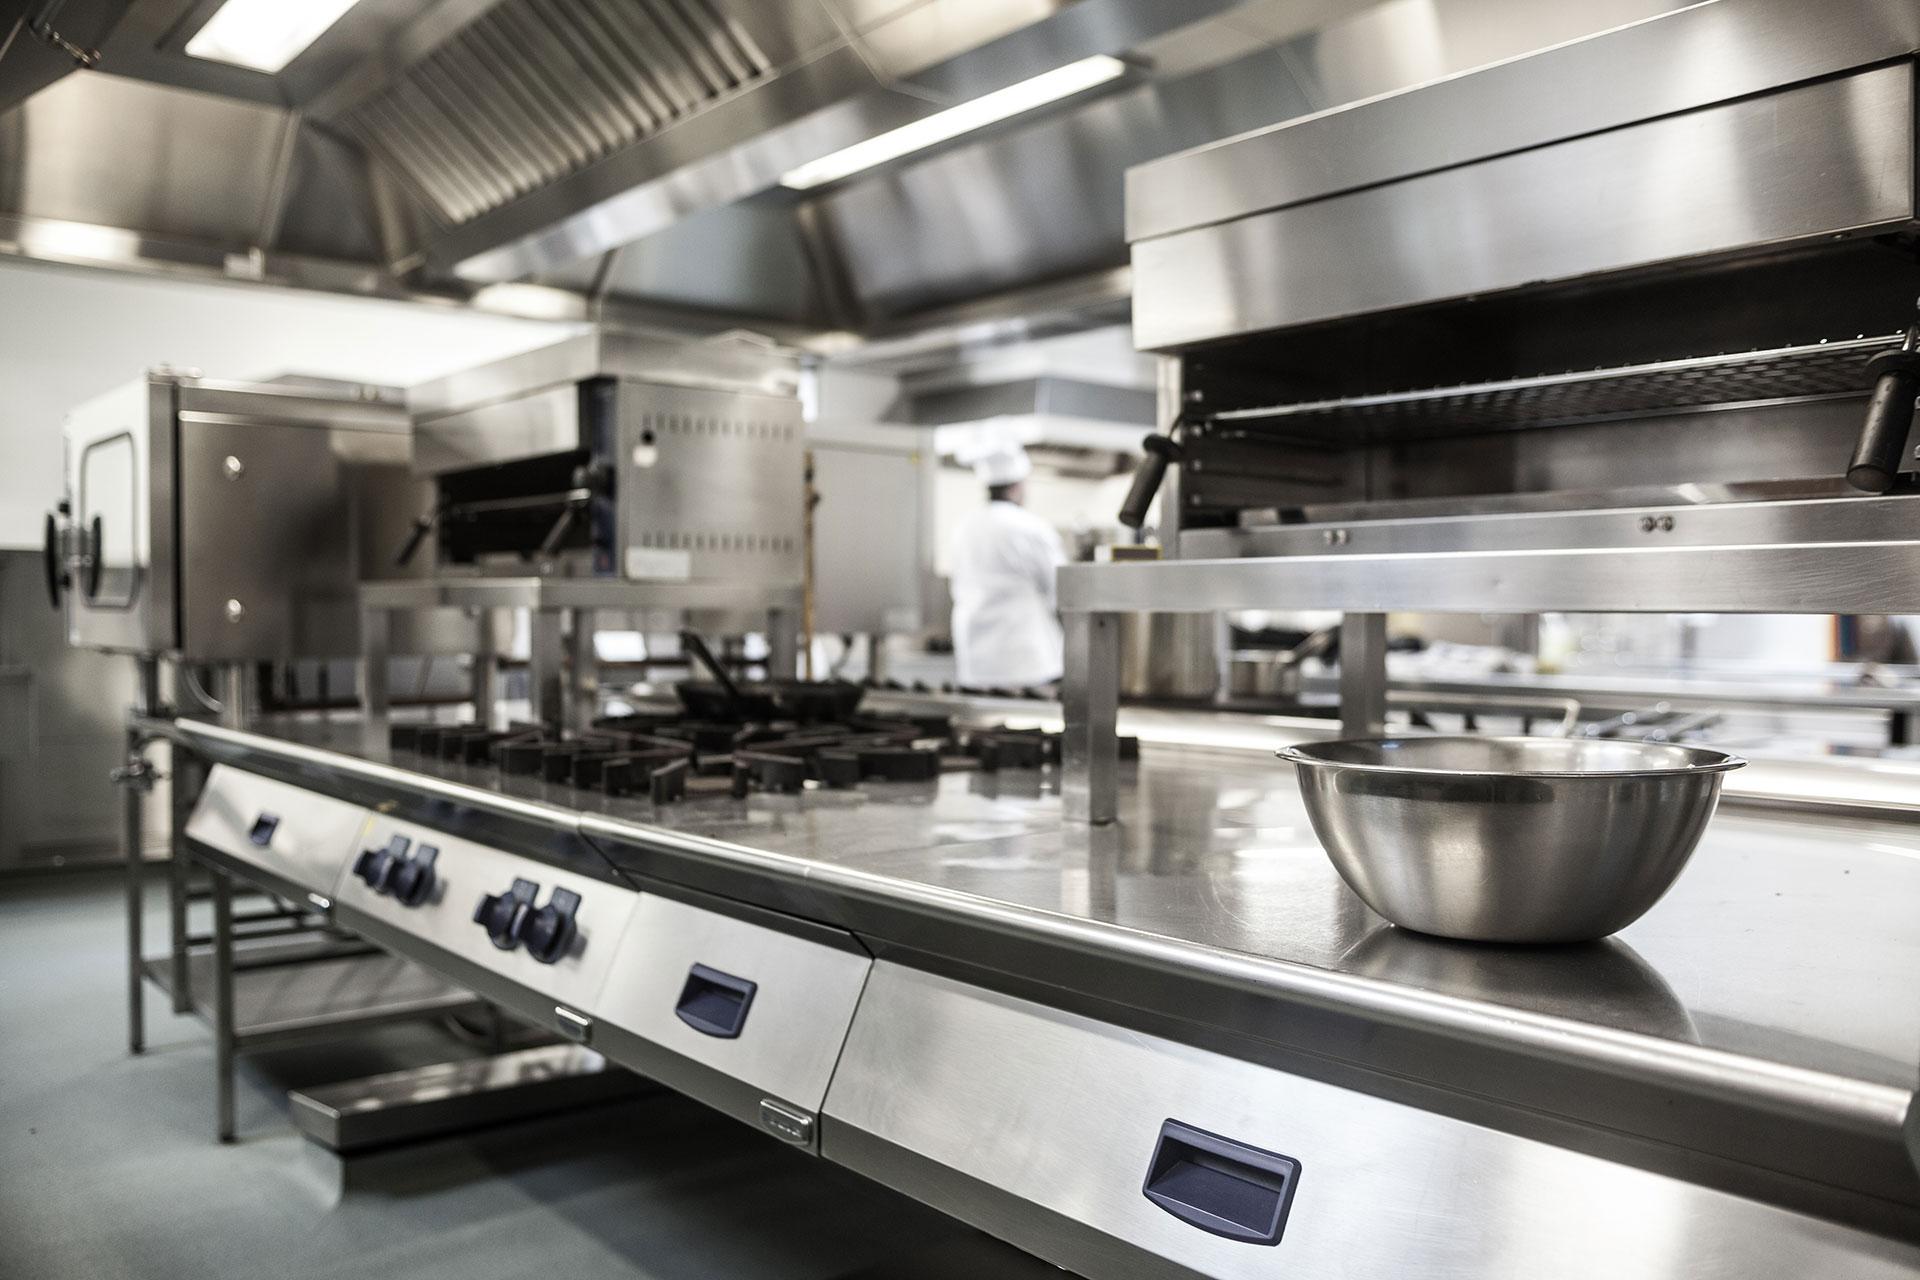 Küchentechnik - Siegfried Bortscher GmbH